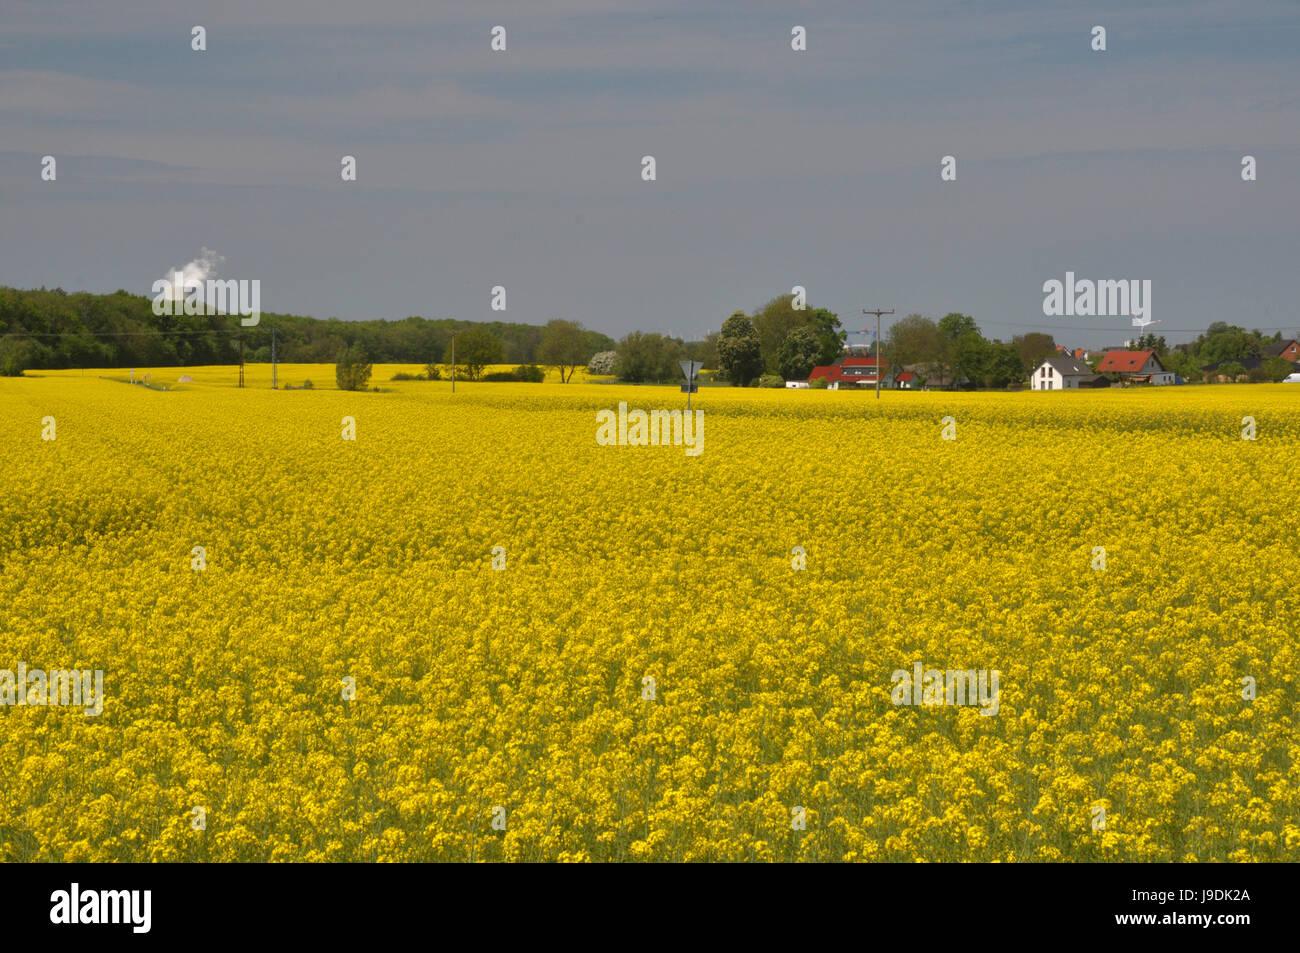 Bloom, agraire, s'épanouir, de s'épanouir, en plein essor, tour de refroidissement, coleseed, Banque D'Images